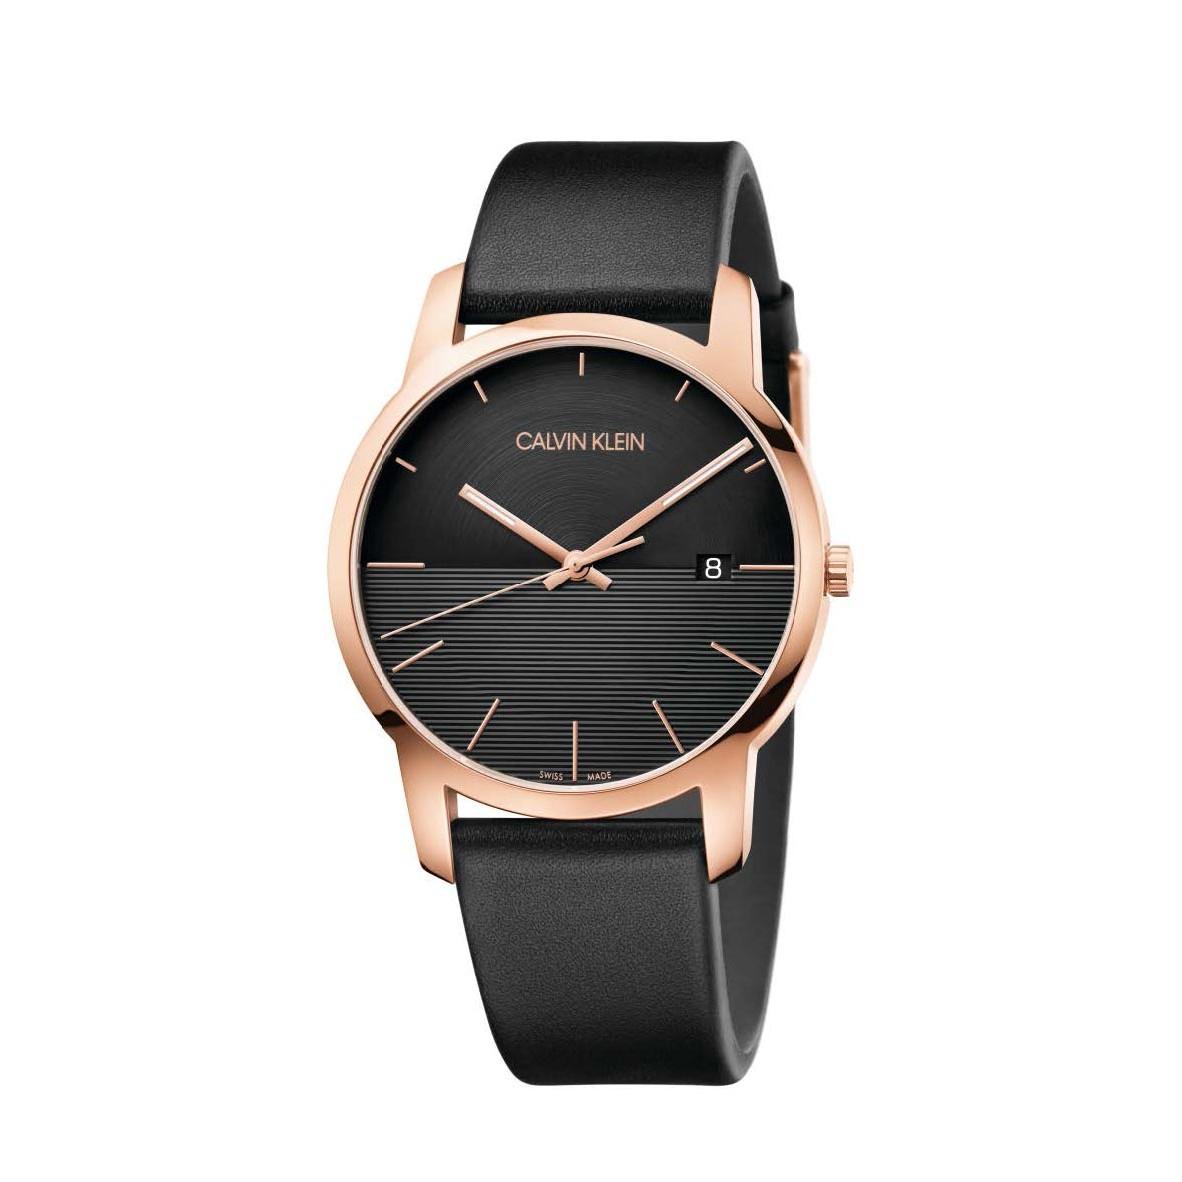 Đồng hồ Calvin Klein K2G2G6CZ Nam 43mm, Quartz (Pin), Thép không gỉ, mạ PVD